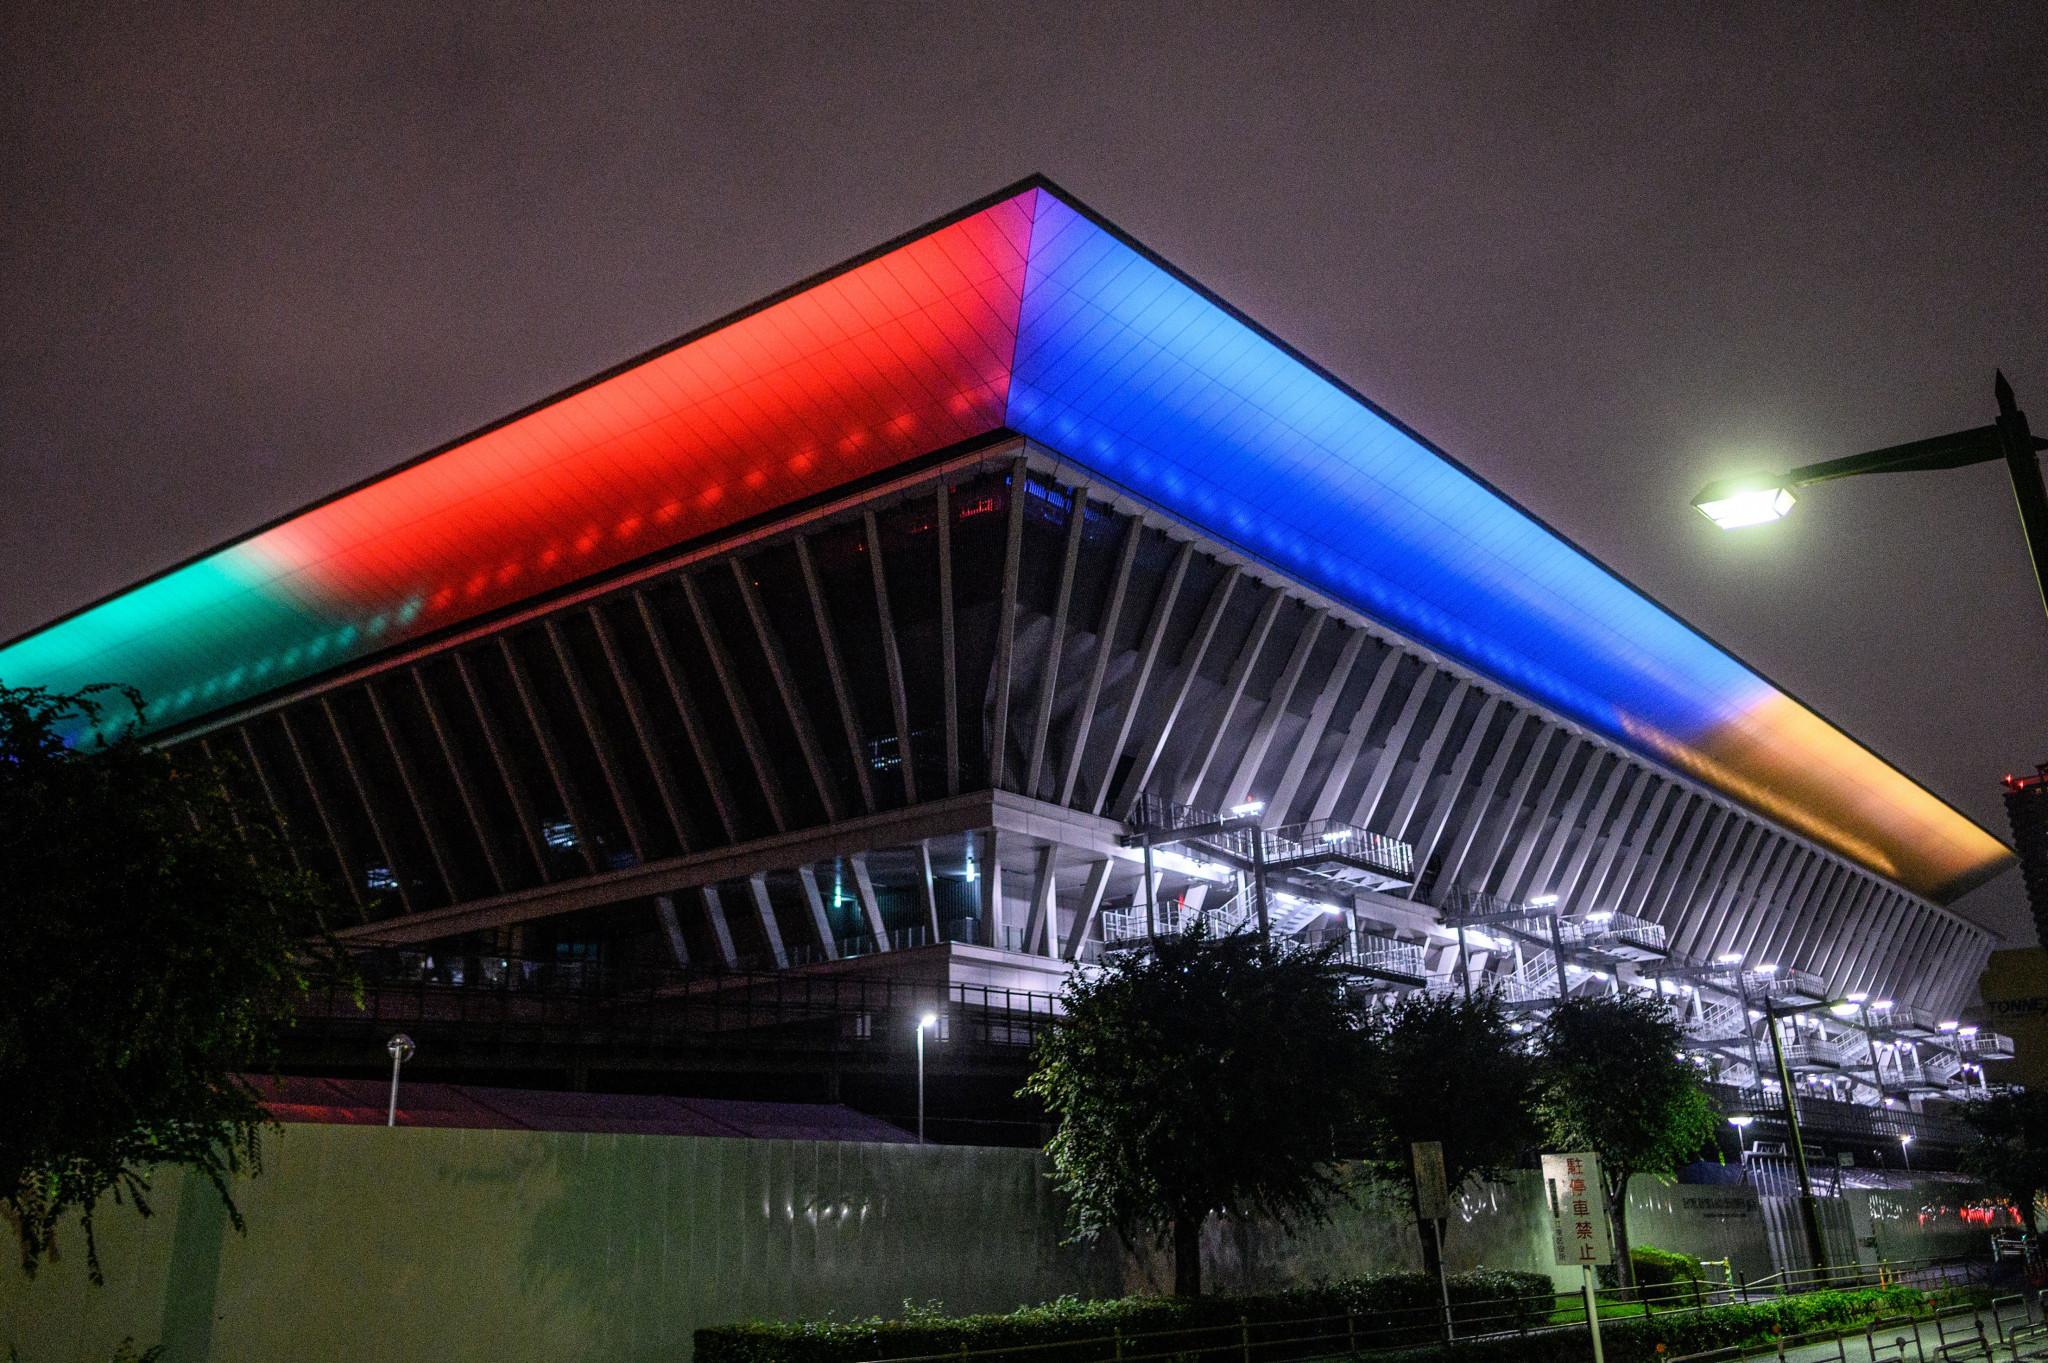 El gobernador de Tokio, Koike, asistirá a la gran inauguración del Centro Acuático